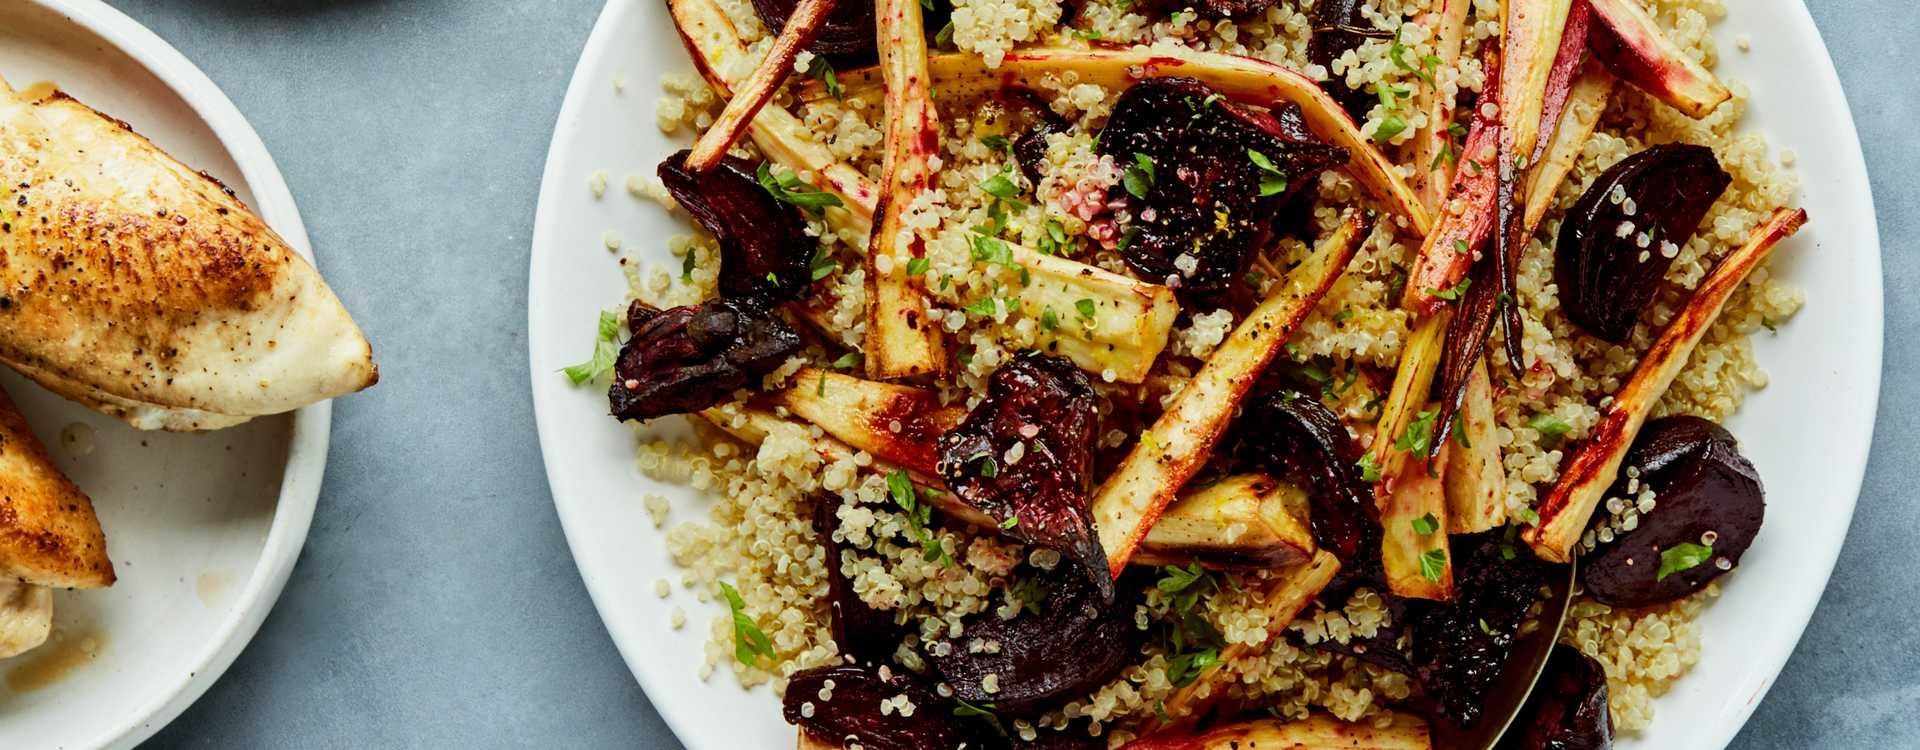 Stekt kyllingfilet med ovnsbakte rødbeter, pastinakk og quinoa